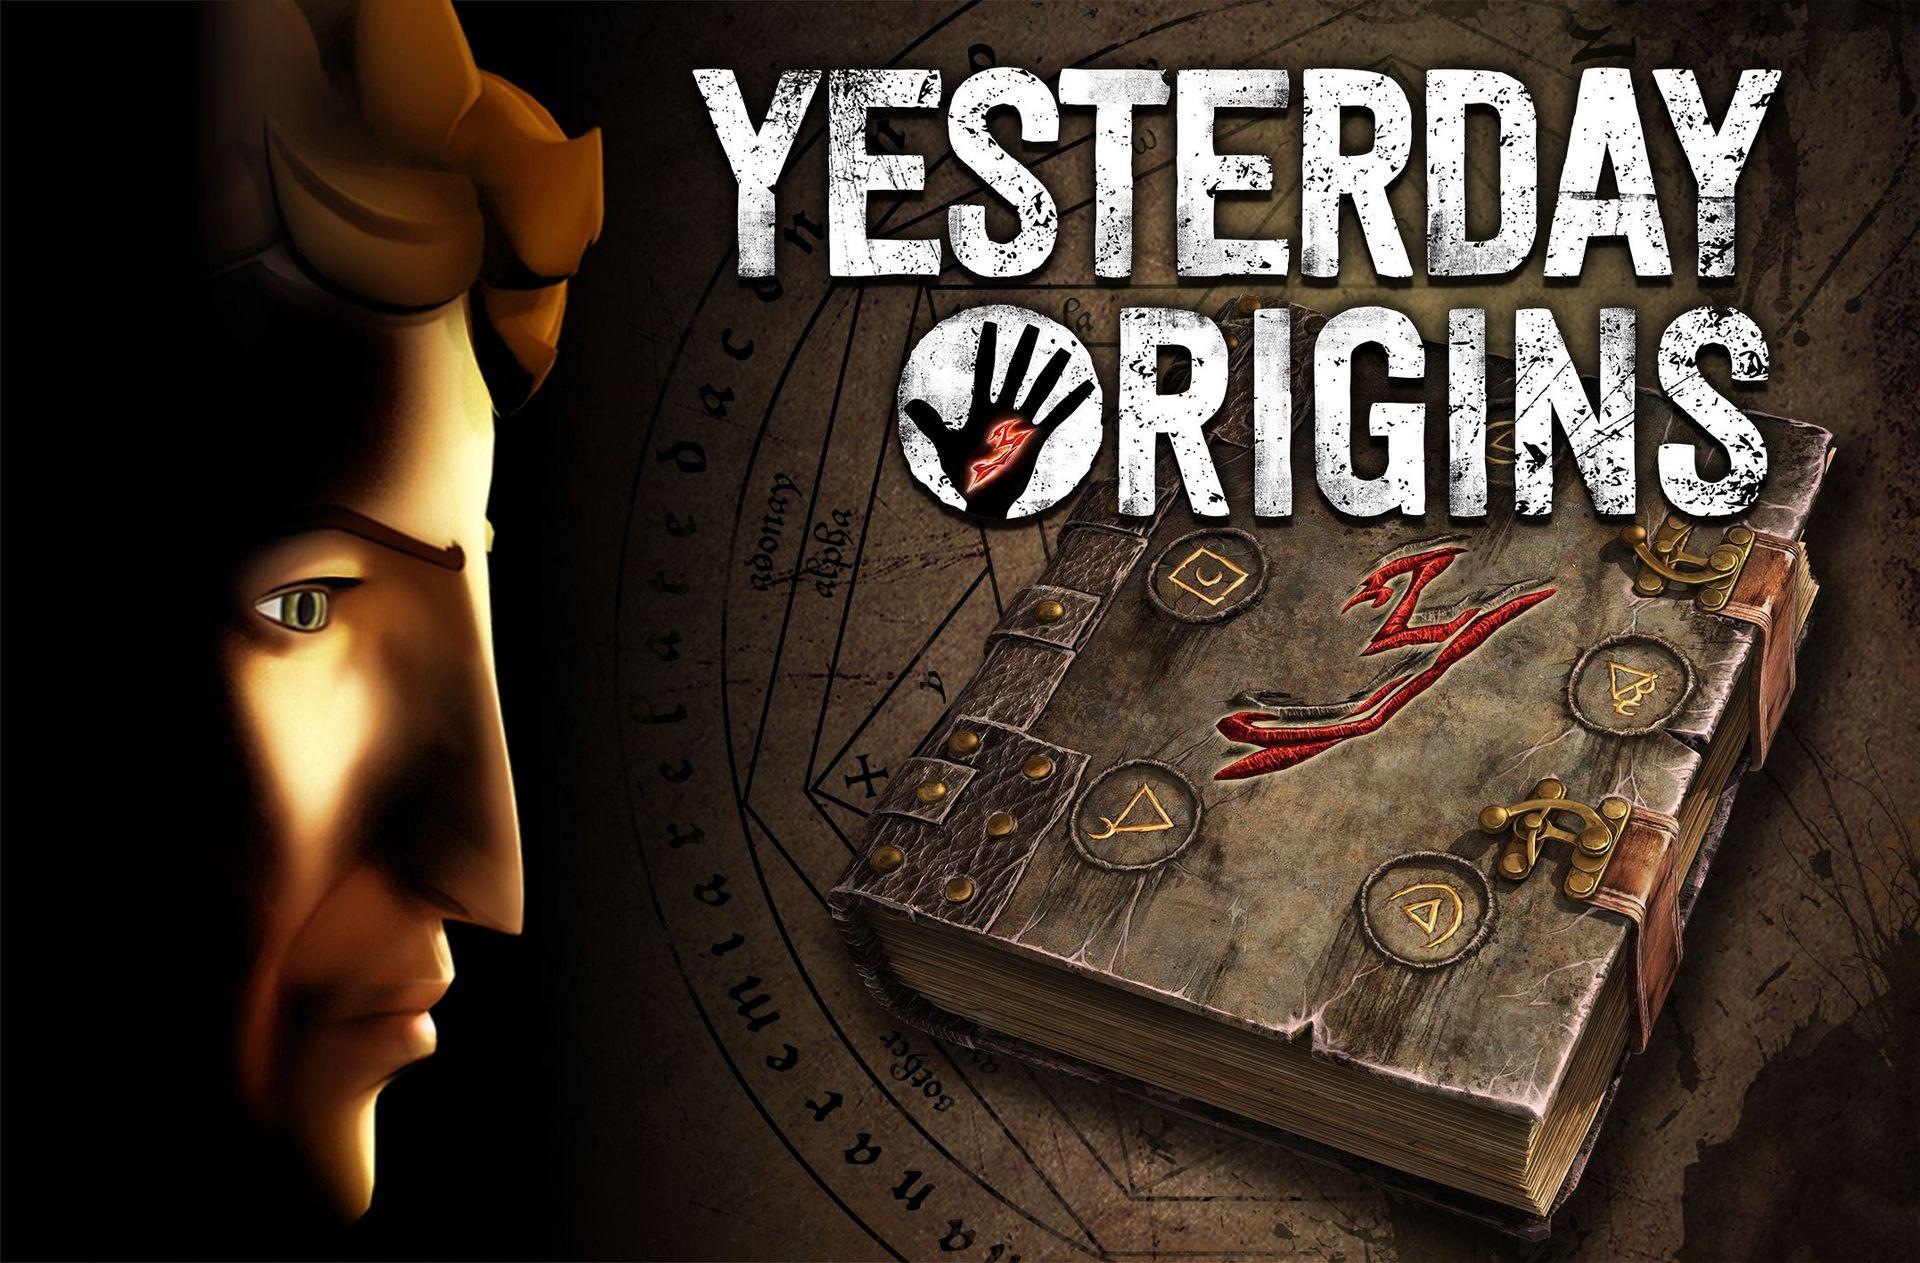 Релизный трейлер Yesterday: Origins в честь премьеры игры! - Изображение 1